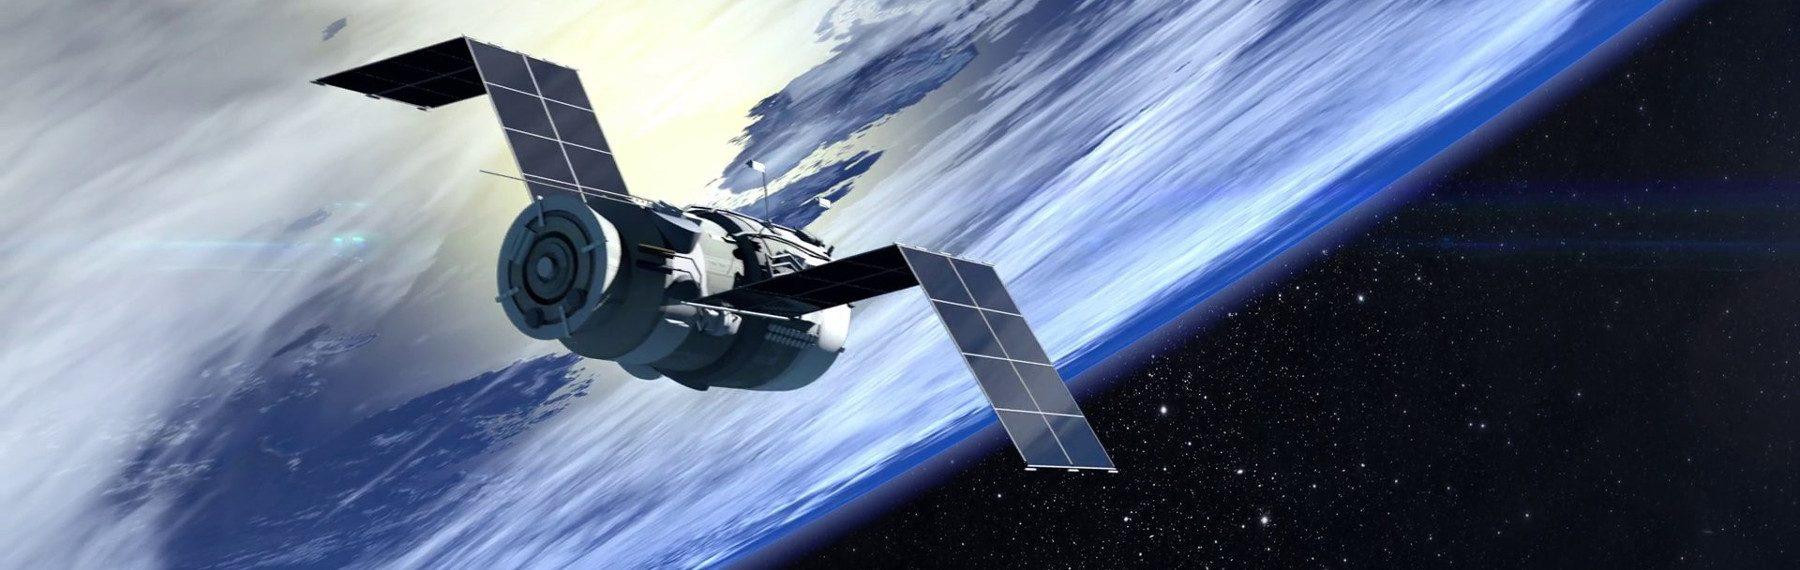 espacial 1800x570 - Aeronáutico, Espacial y Defensa